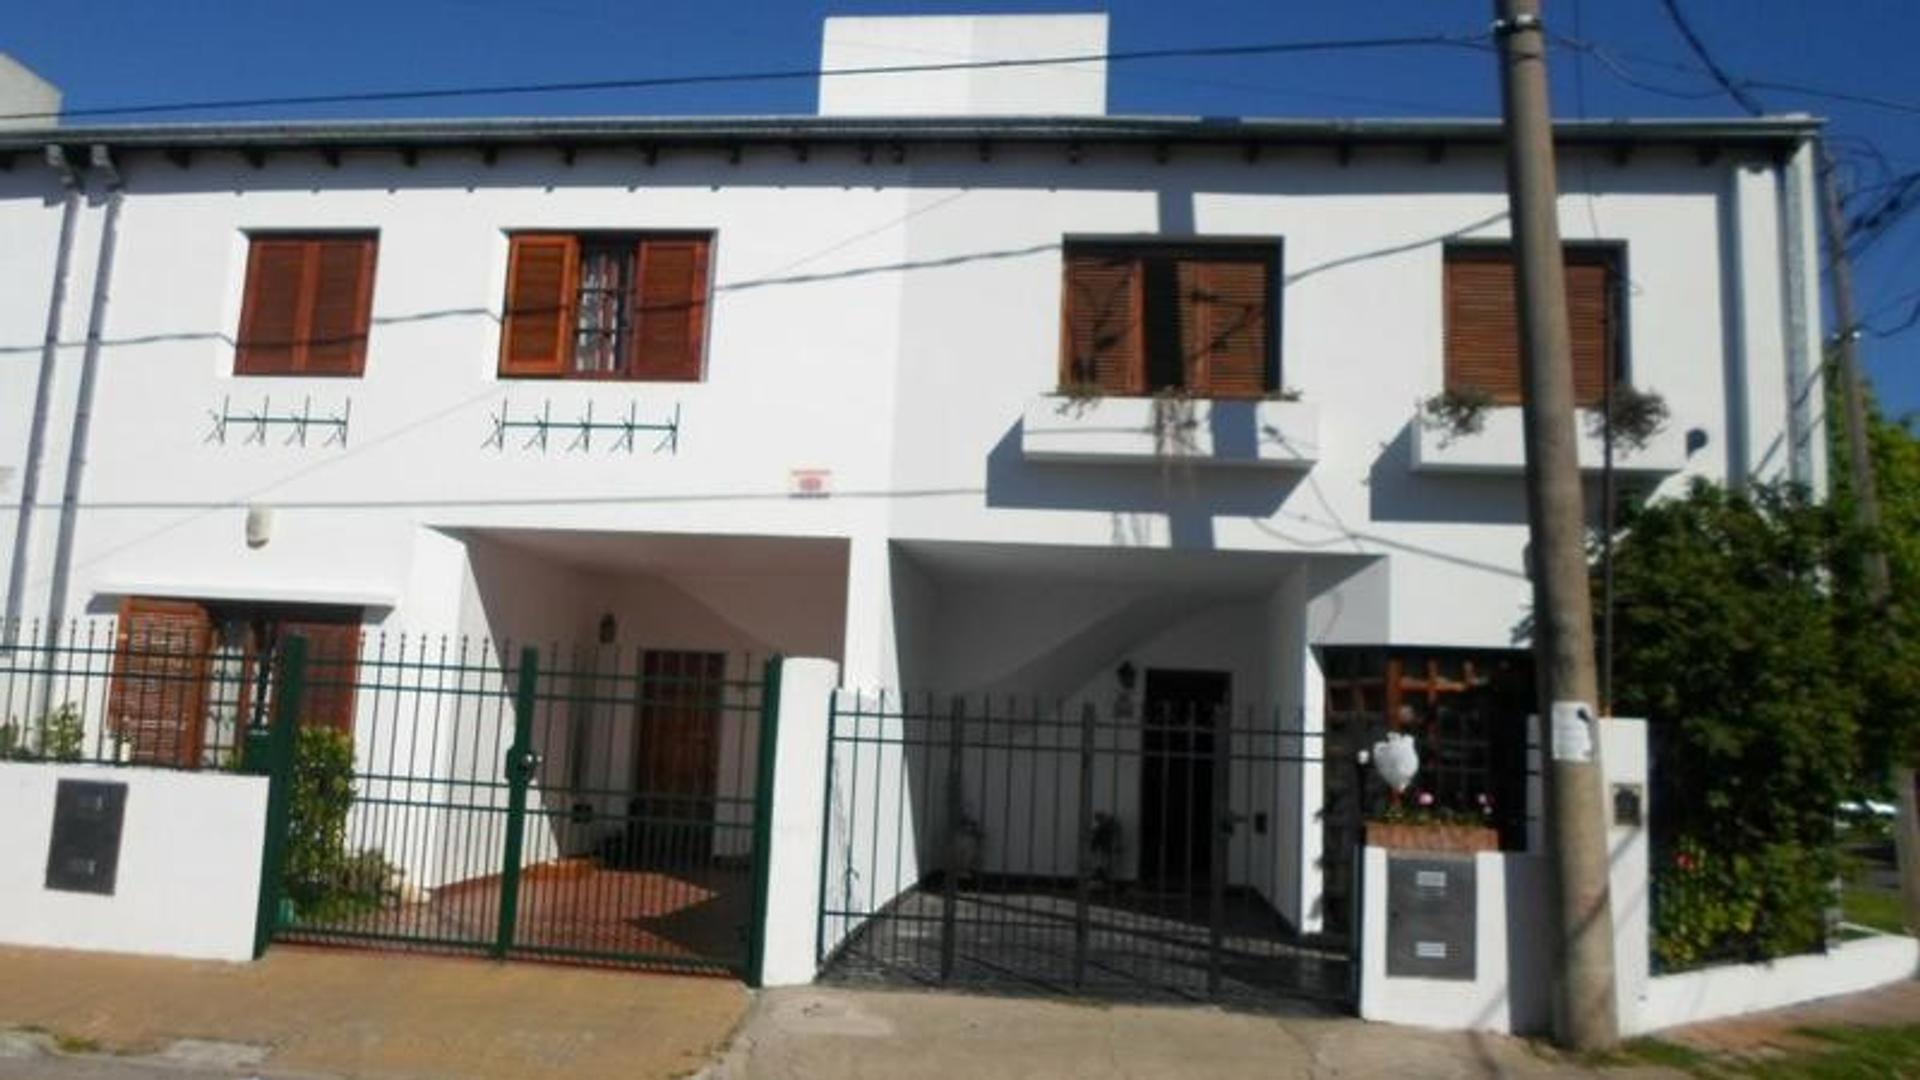 Departamento en alquiler en La Plata Calle 9 ESQ. 519 BIS Dacal Bienes Raices